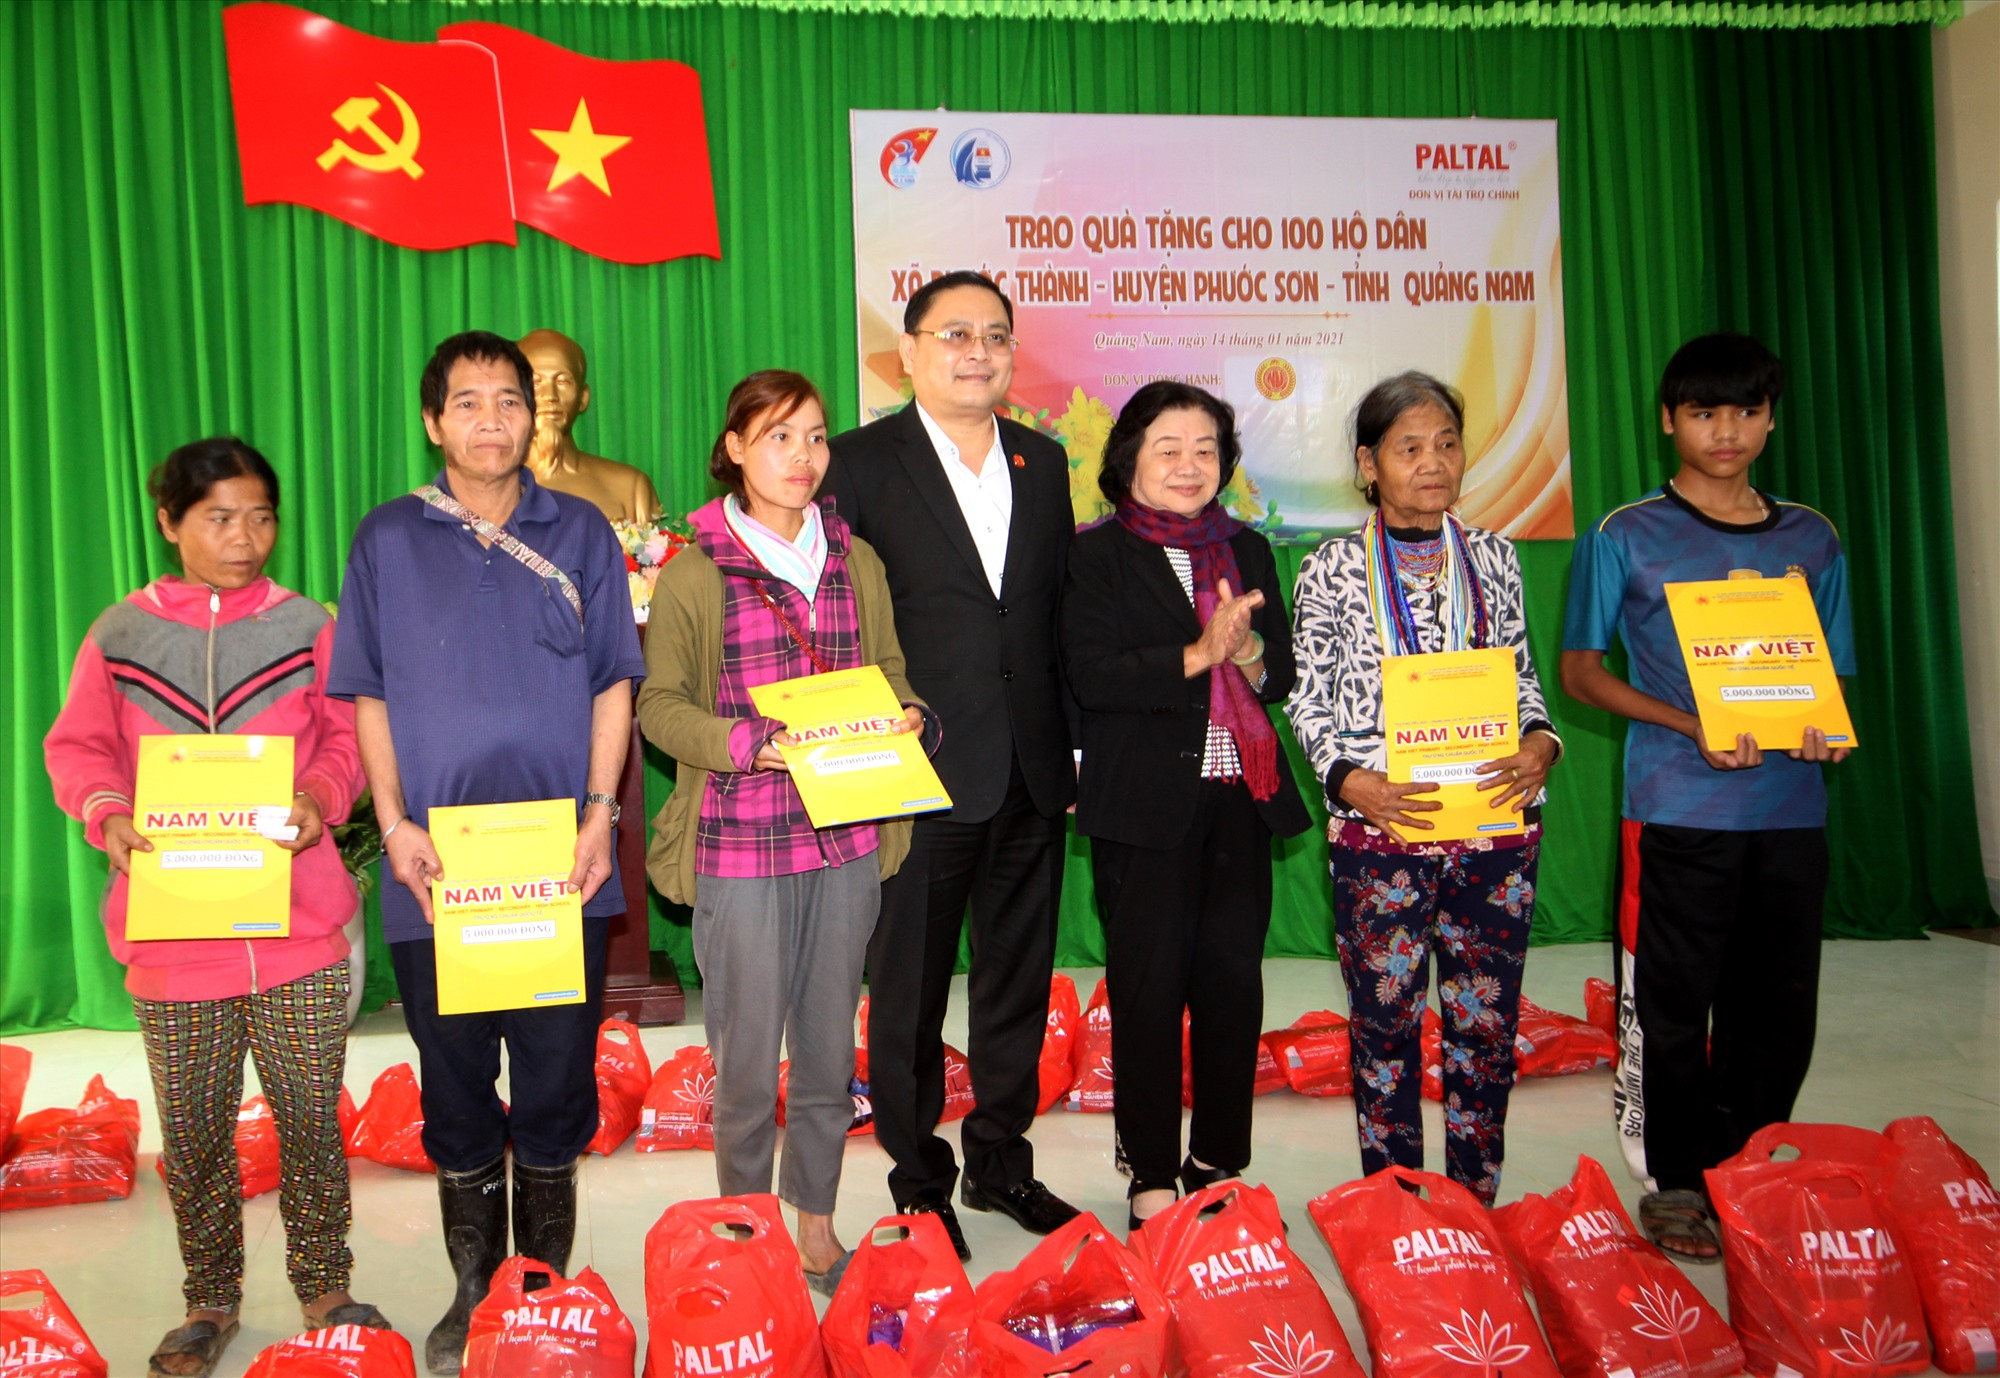 Bà Trương Mỹ Hoa cùng đại diện tập đoàn Nam Việt trao quà cho người dân vùng sạt lở. Ảnh: T.C